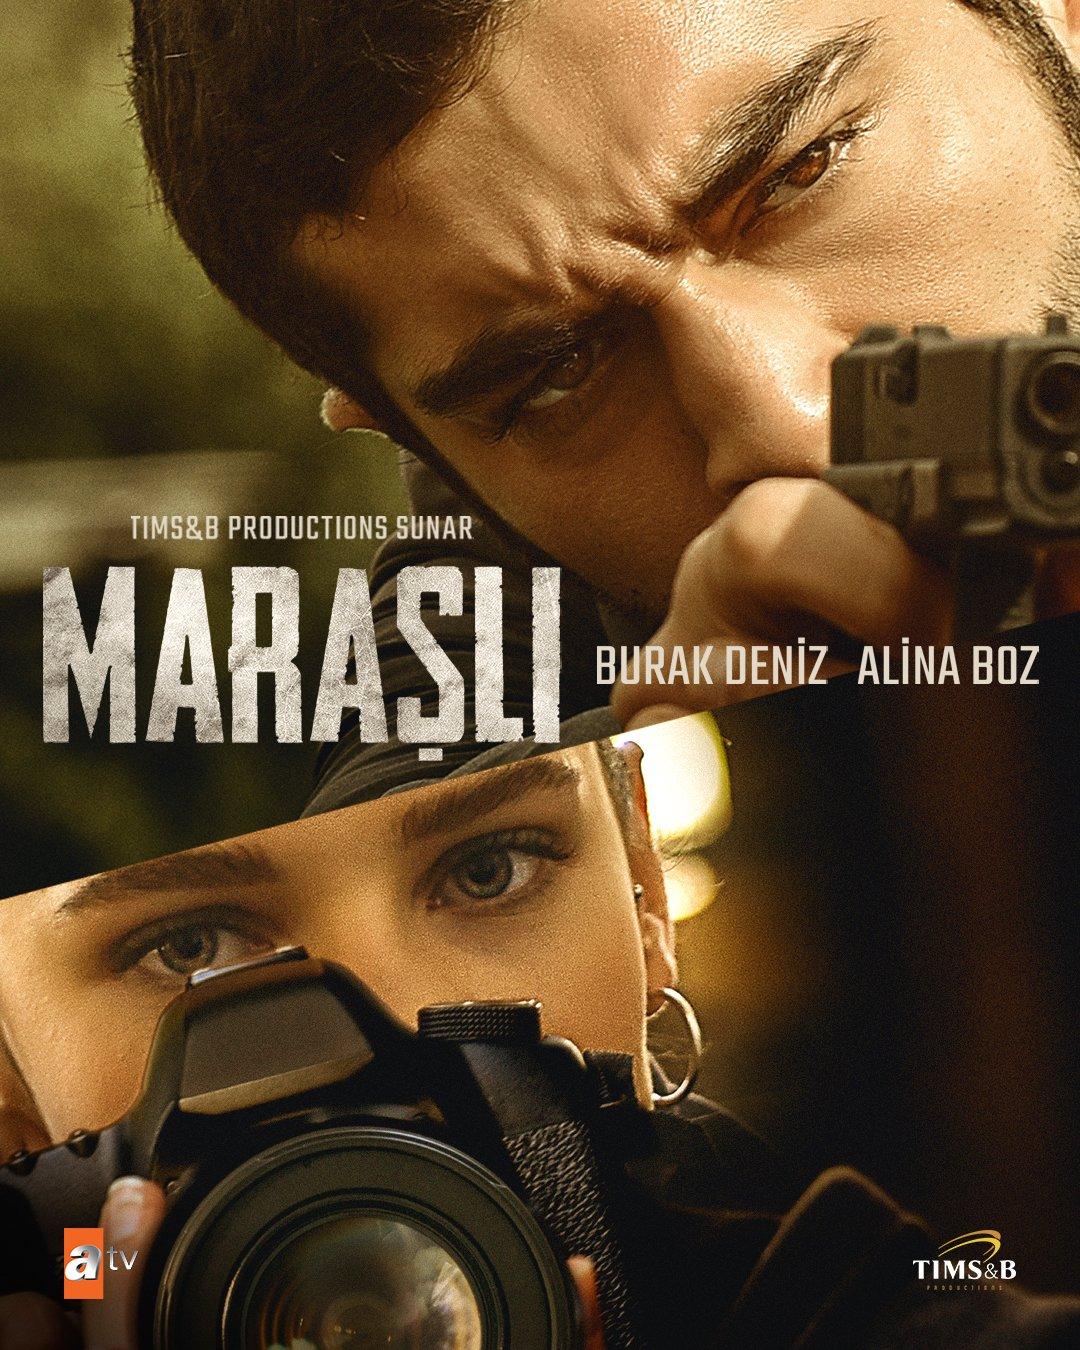 Maraşlı is the new phenomenon Turkish series